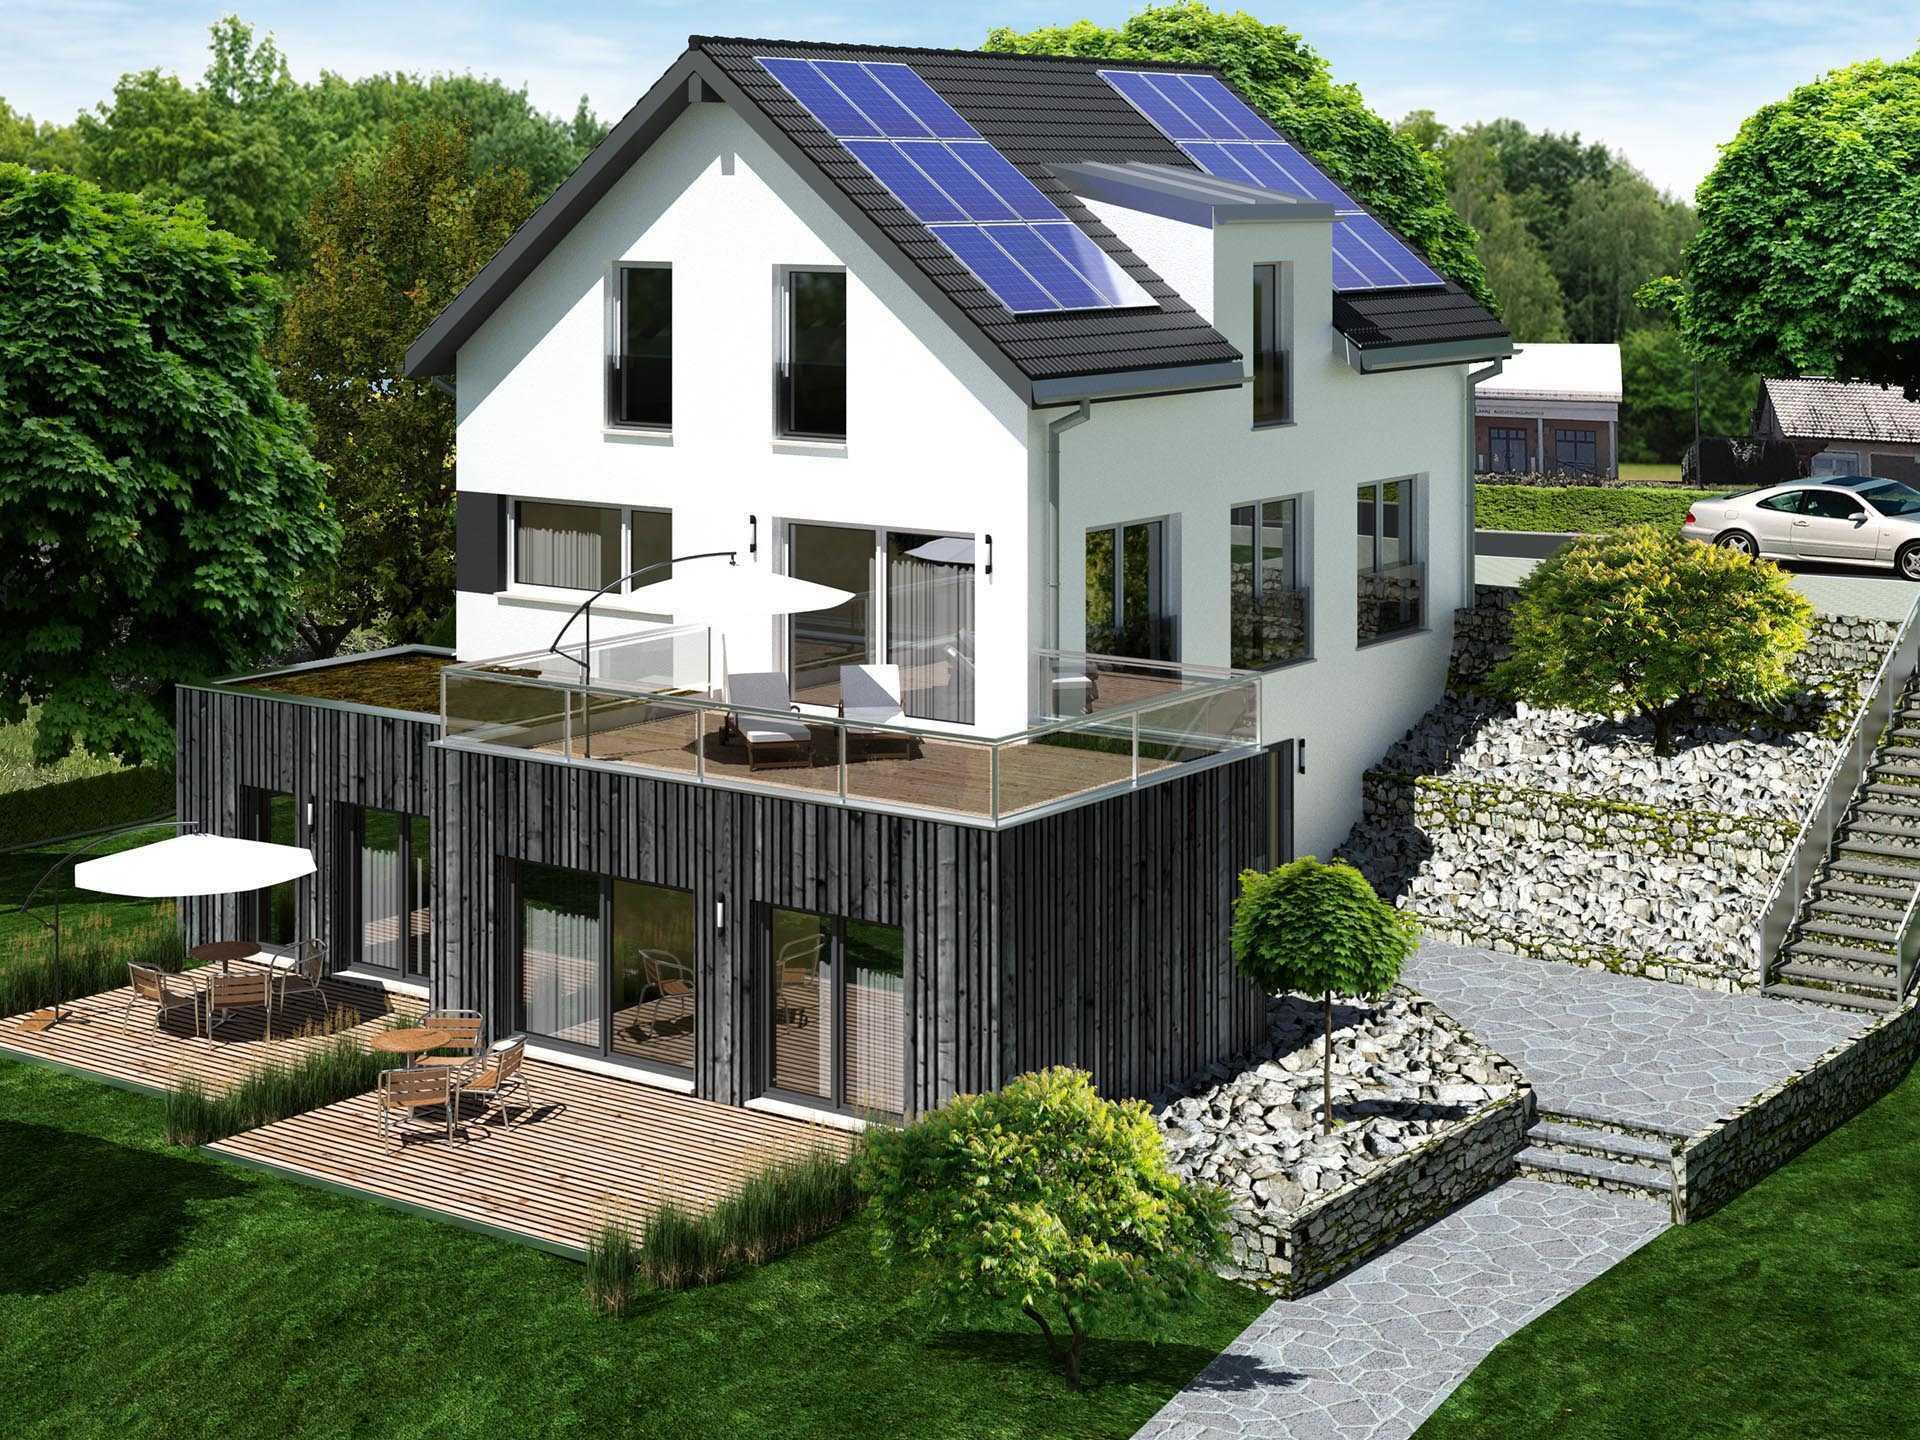 musterhaus seegarten fischerhaus. Black Bedroom Furniture Sets. Home Design Ideas